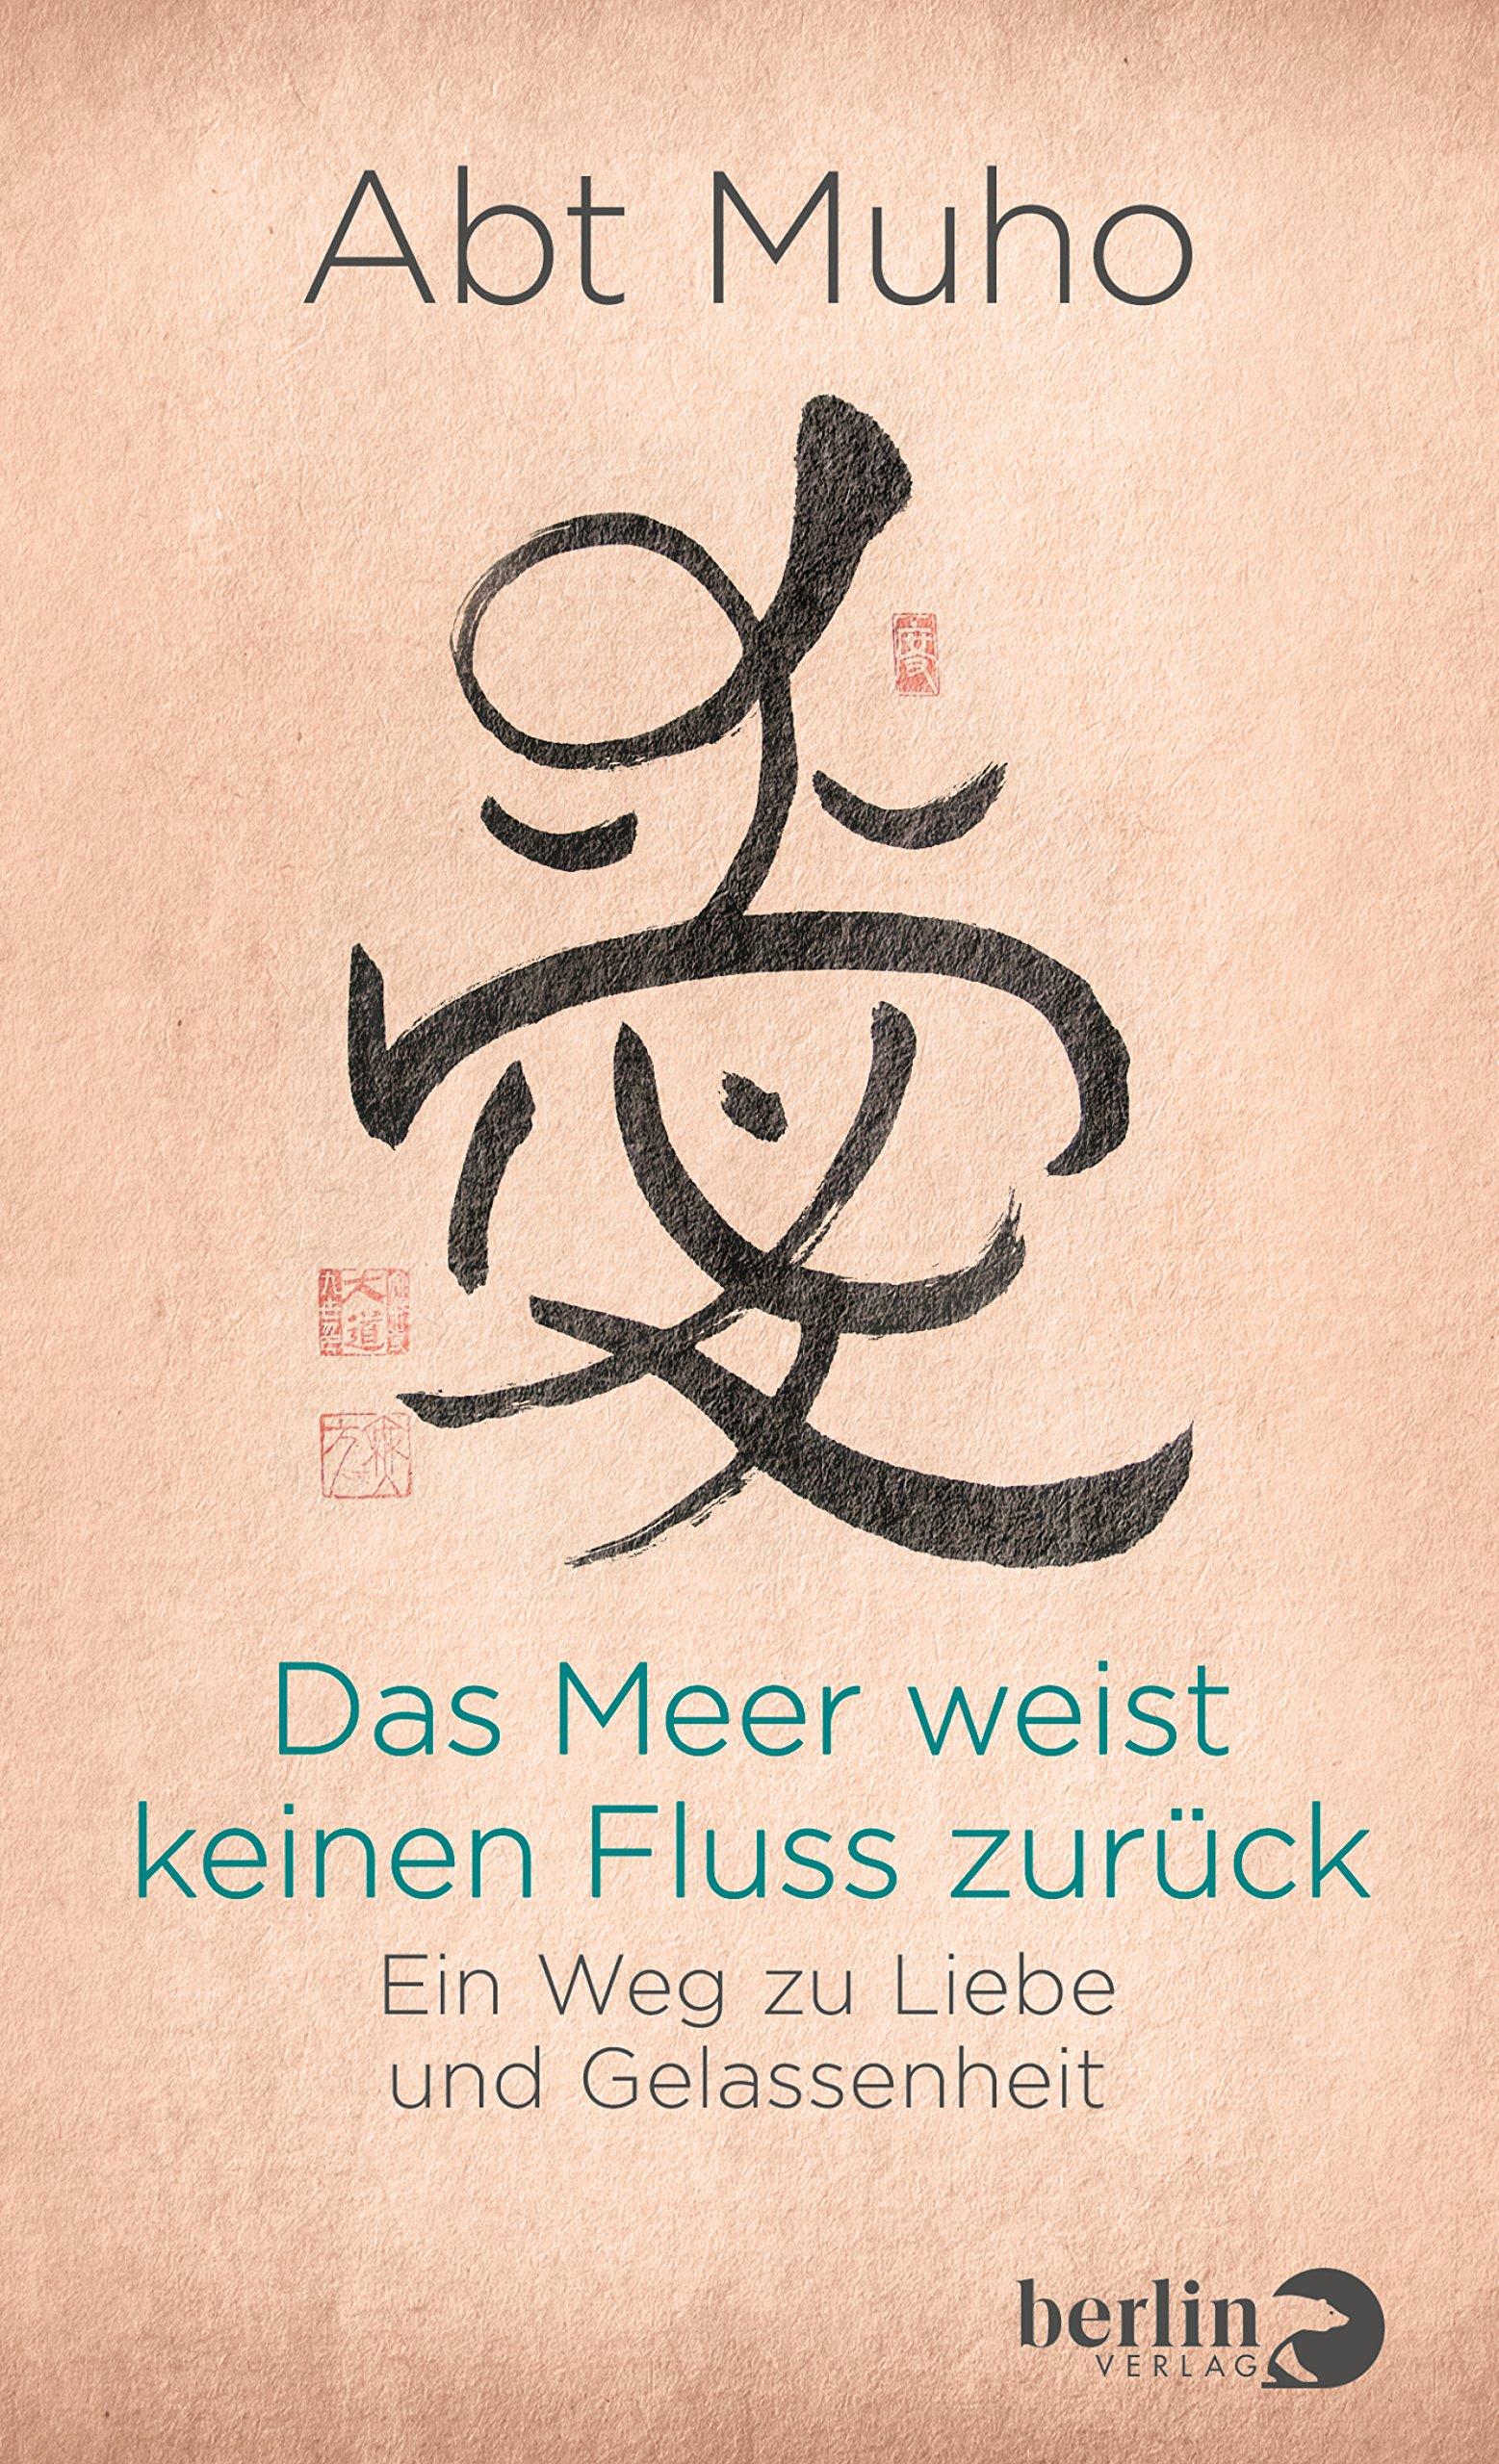 Das Meer weist keinen Fluss zurück: Ein Weg zu Liebe und Gelassenheit Gebundenes Buch – 4. September 2018 Muho Berlin Verlag 3827013801 Esoterik